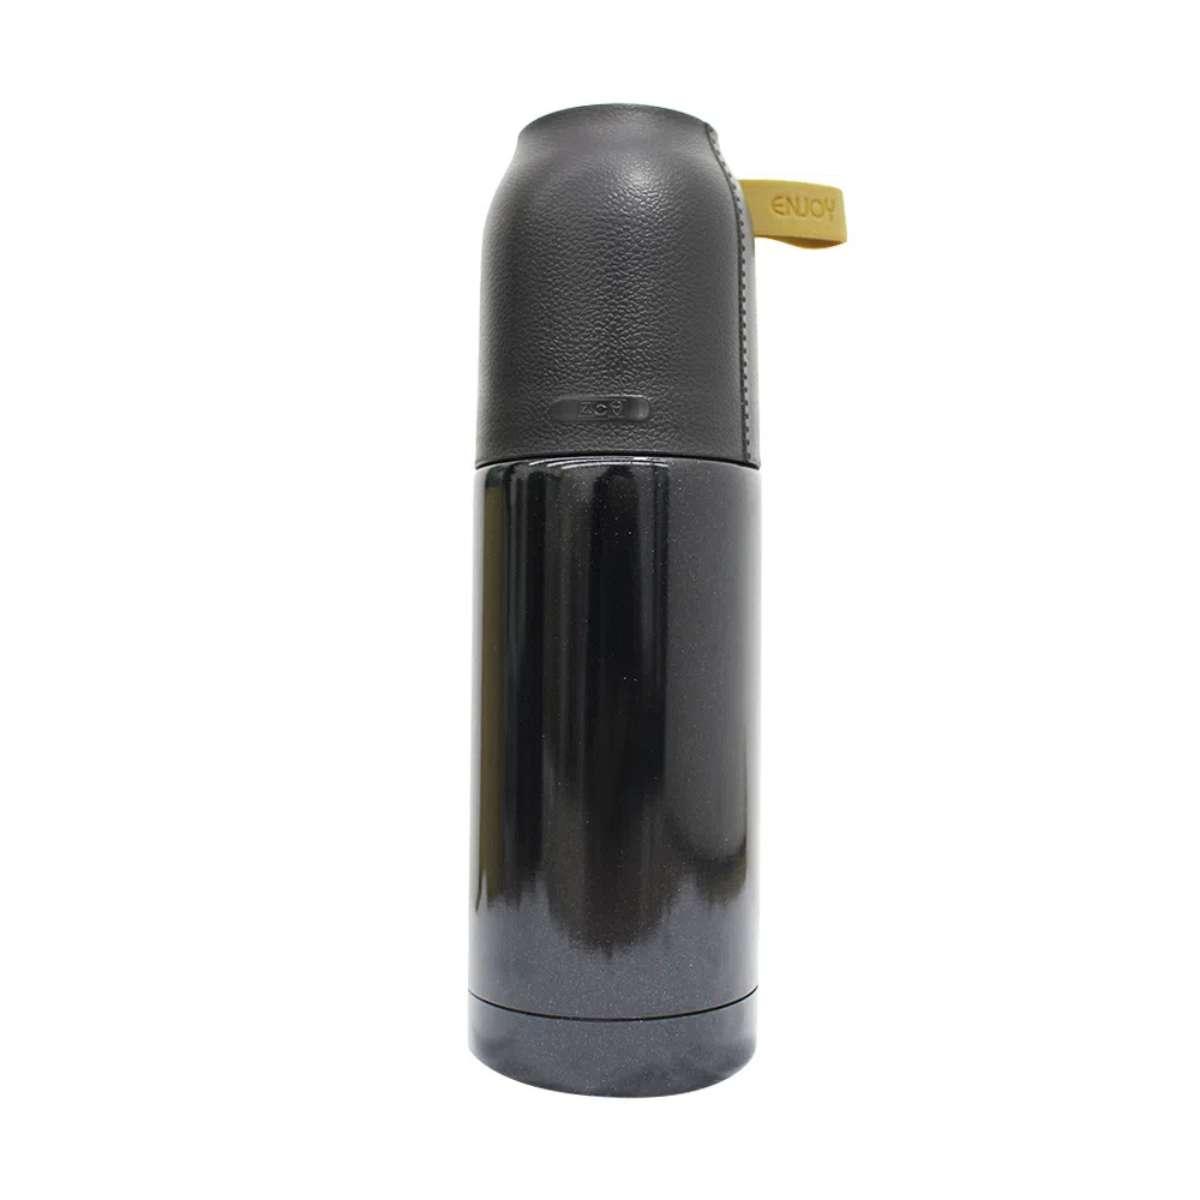 Mini Garrafa Térmica com Tampa de Couro 350 ml Acreditar